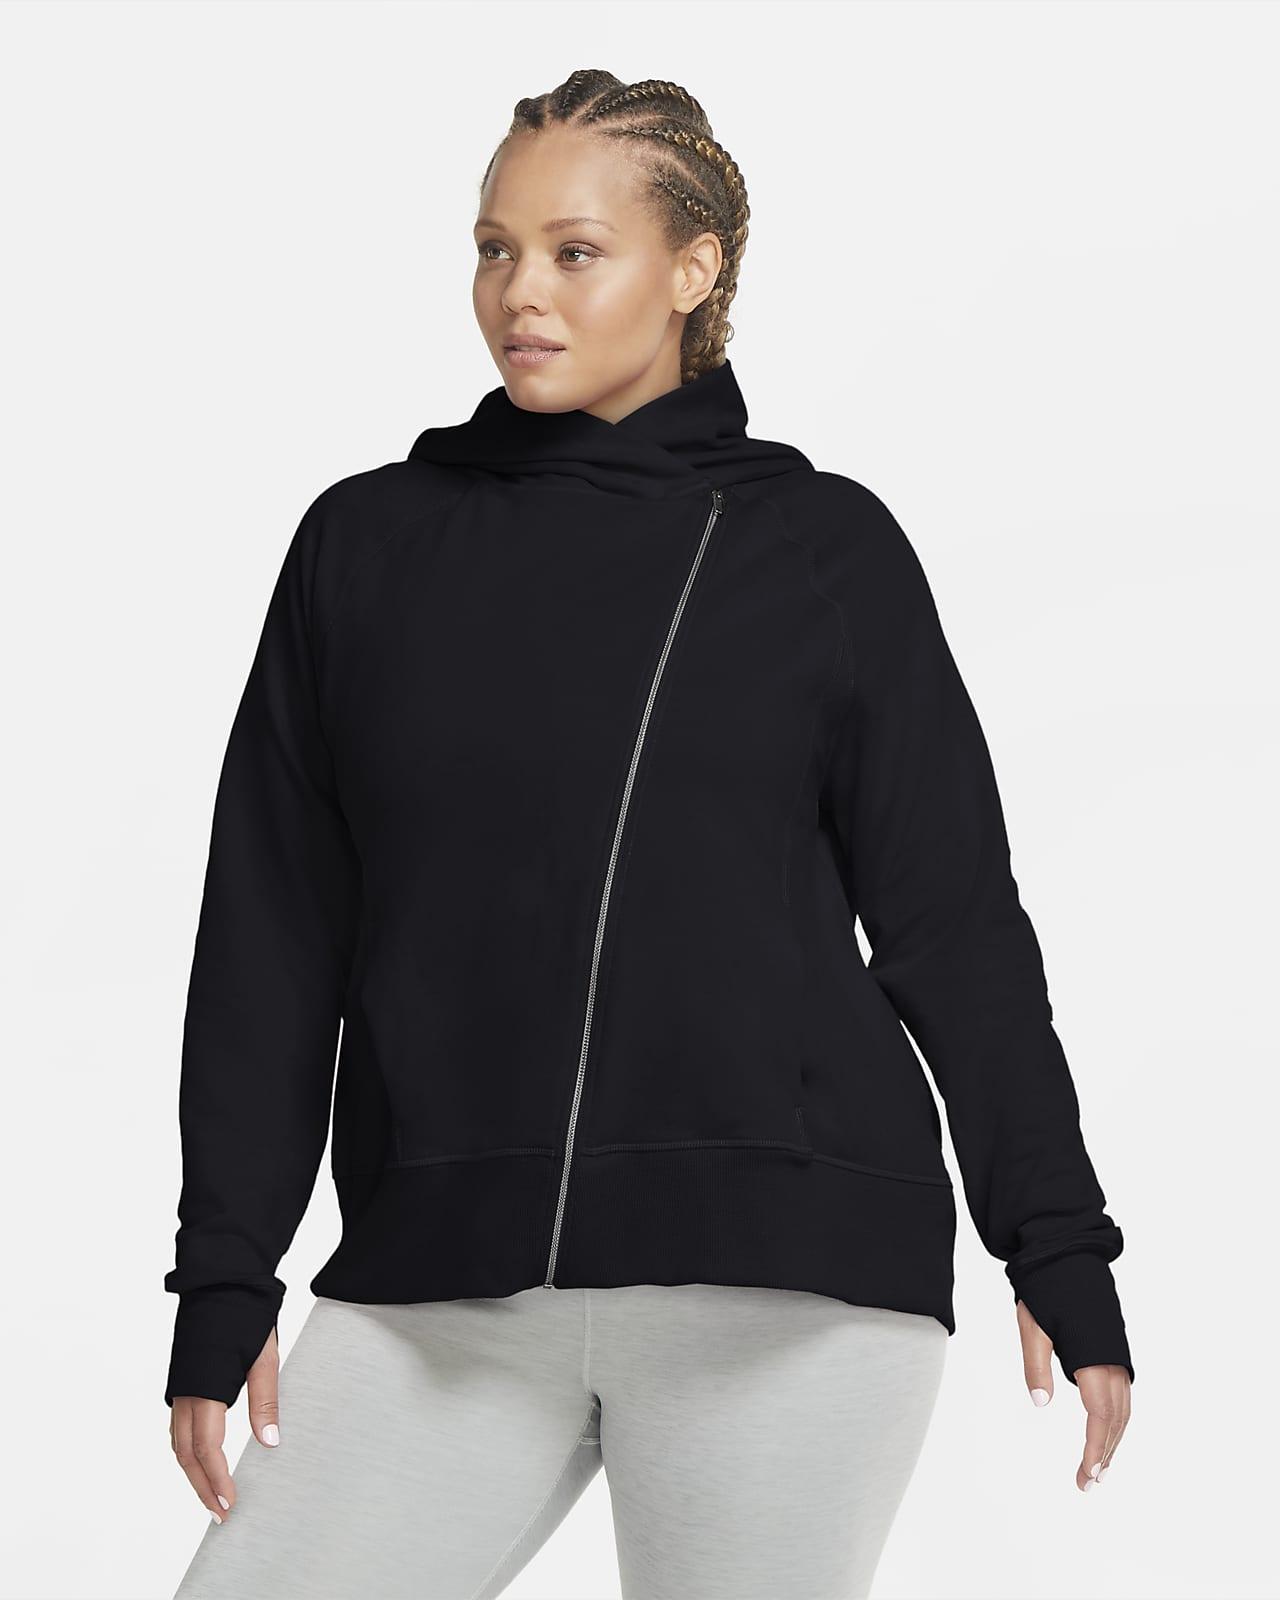 Sweat à capuche entièrement zippé Nike Yoga pour Femme (grande taille)